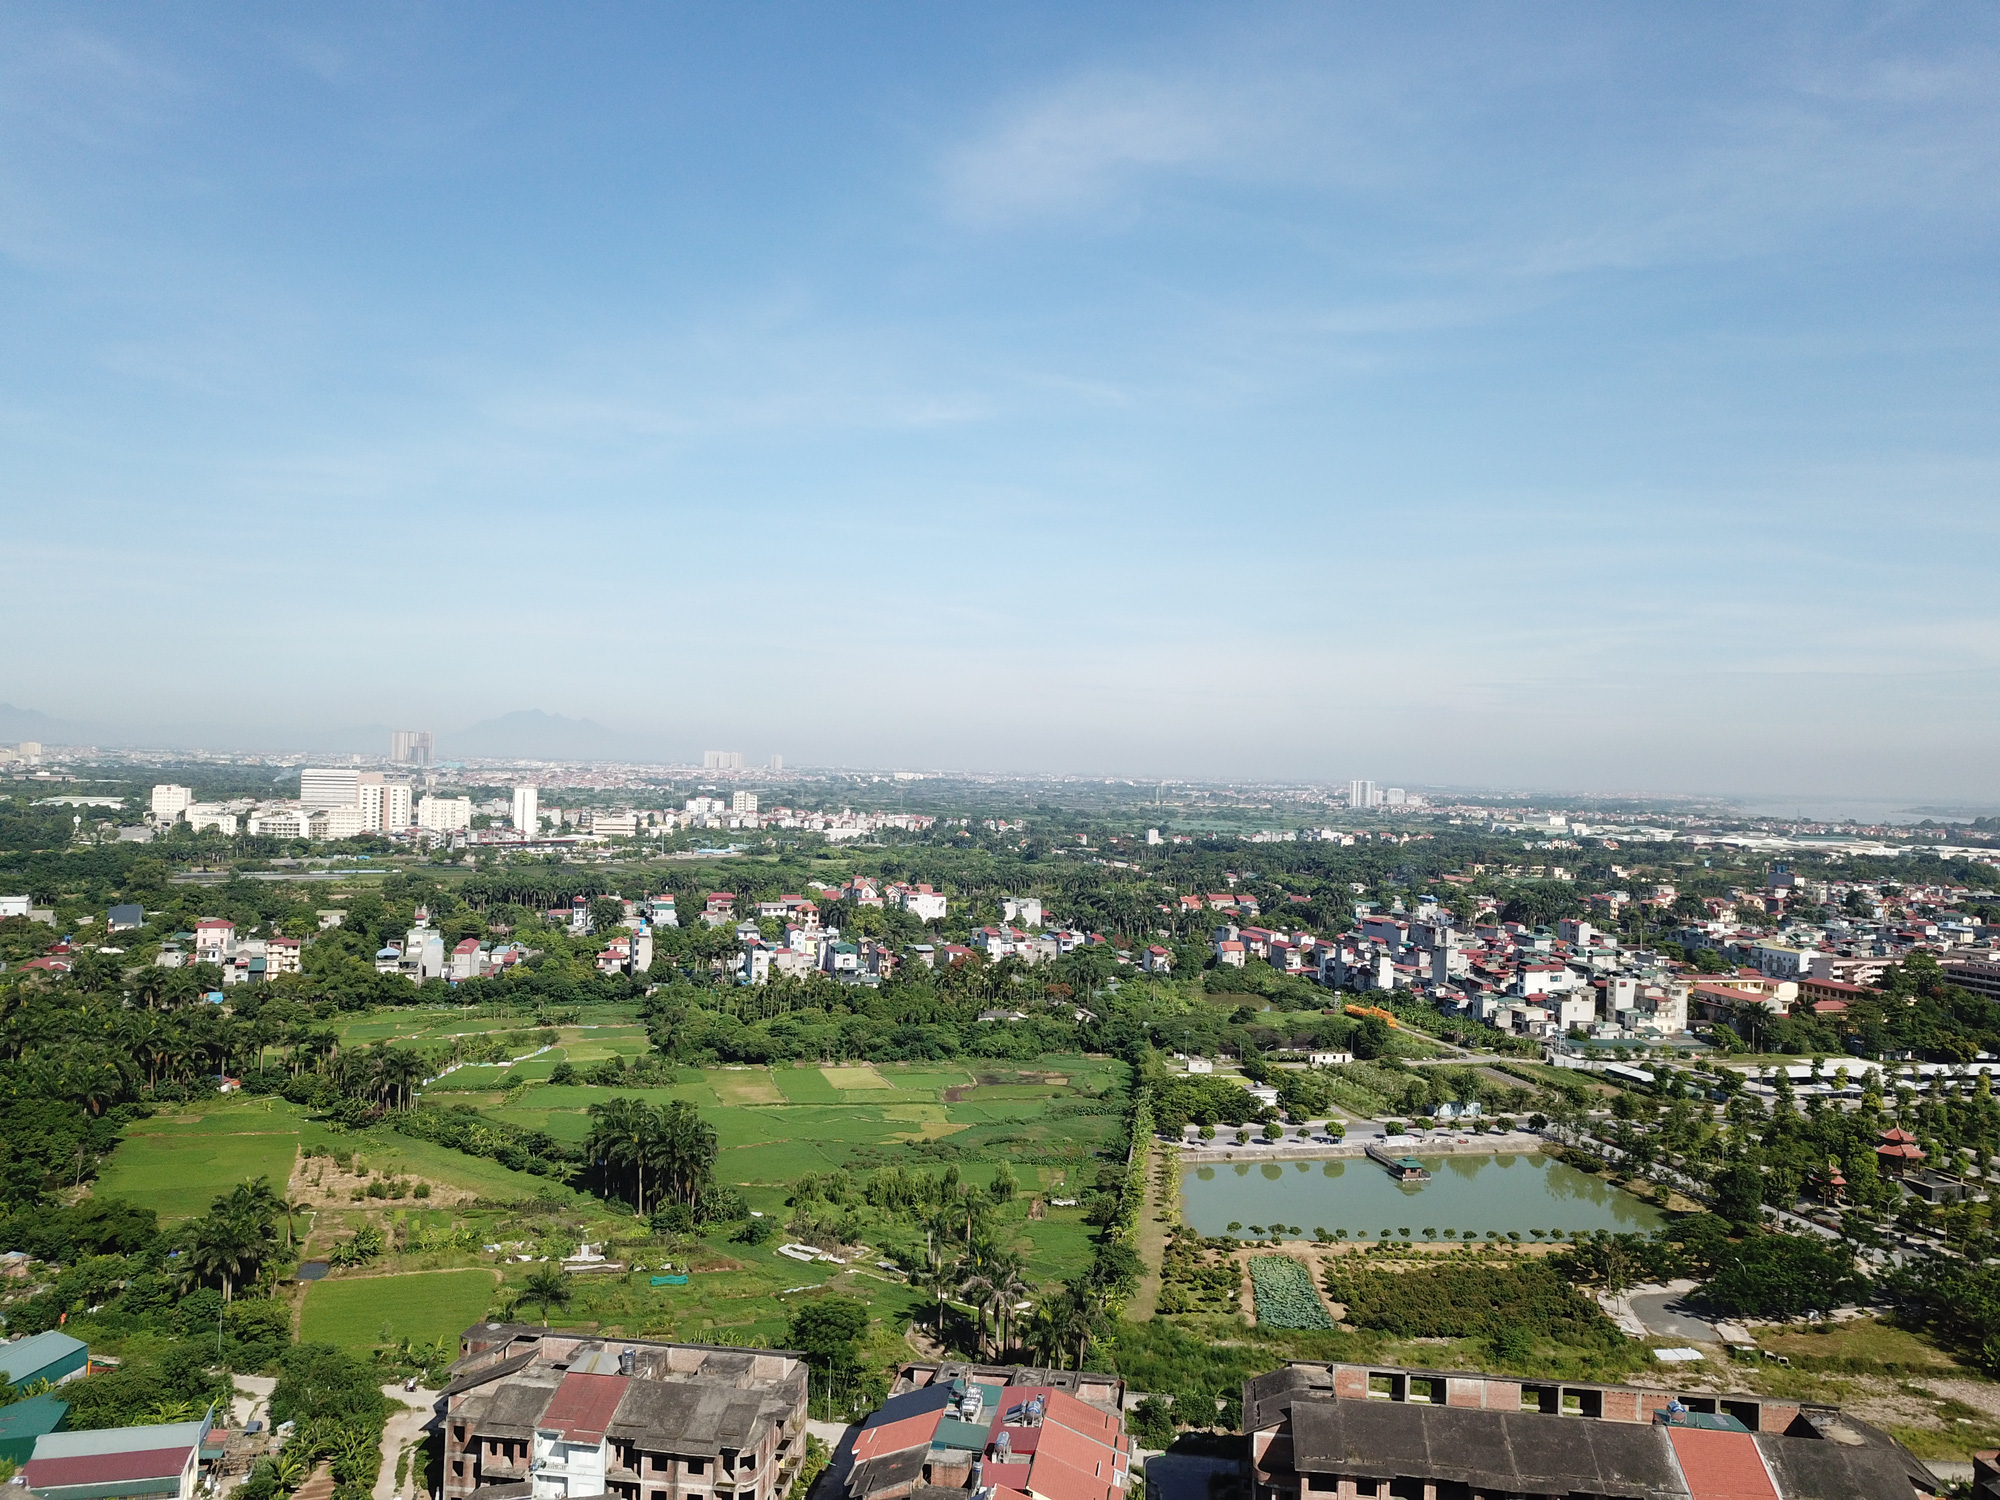 Cử tri đề nghị Hà Nội không 'biến' đất nhà tái định cư thành sân golf - Ảnh 1.